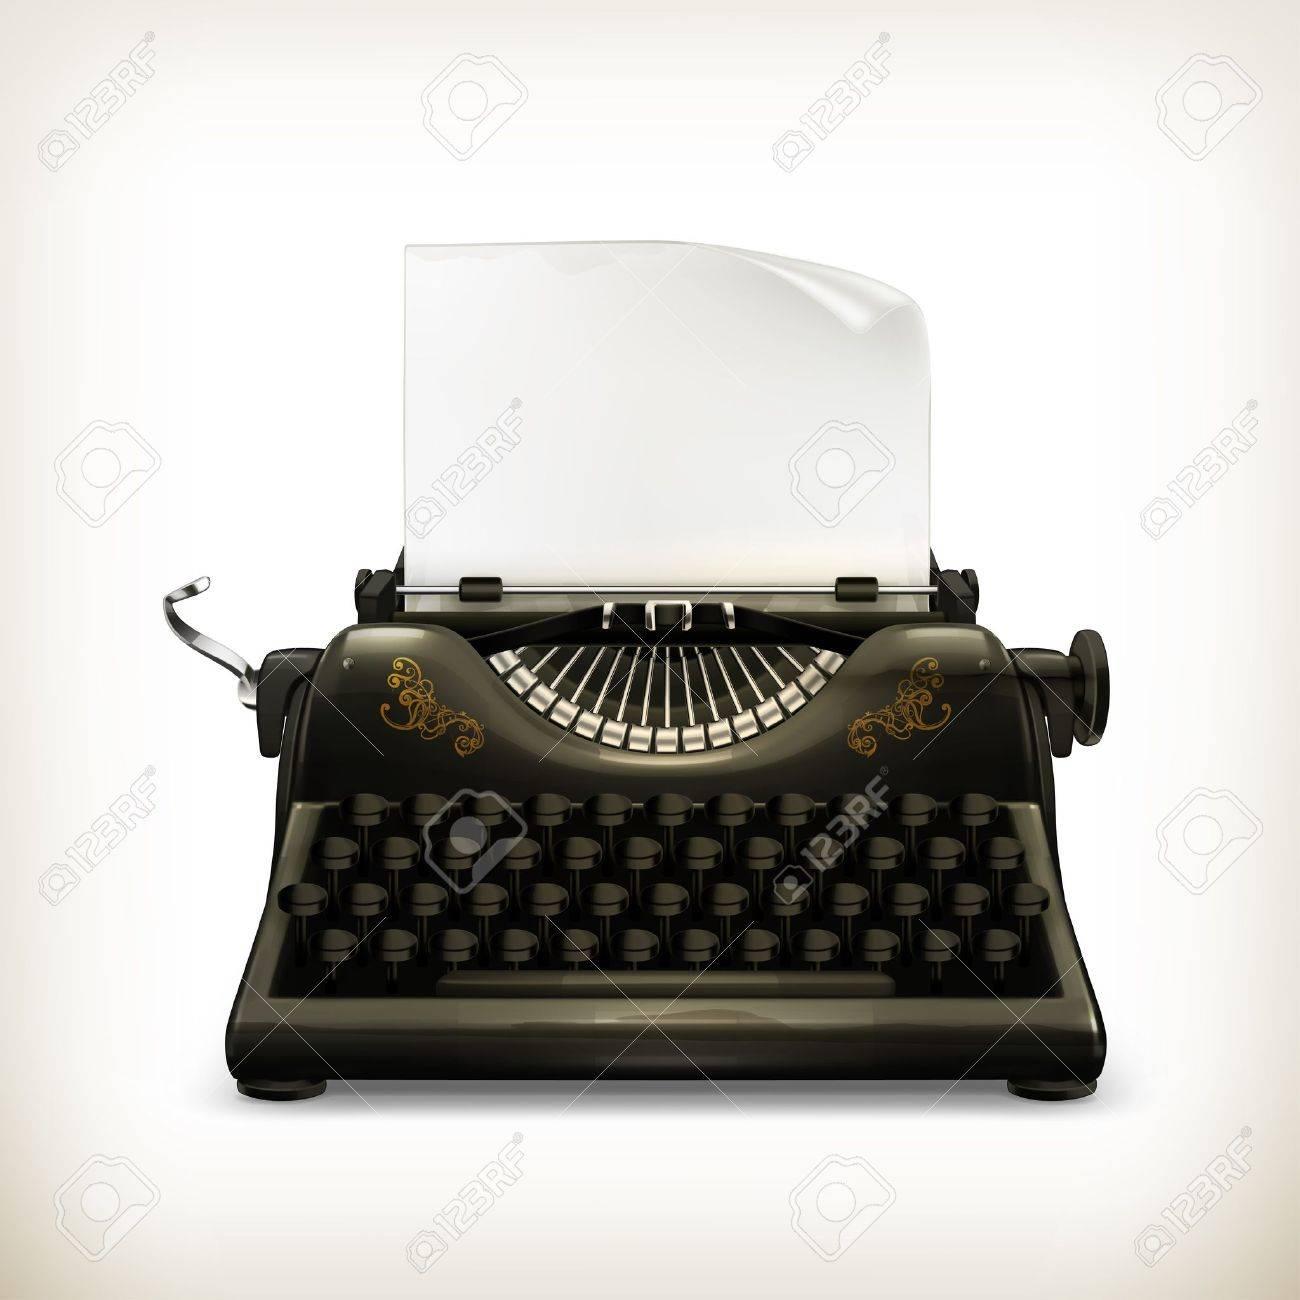 Typewriter - 15083583